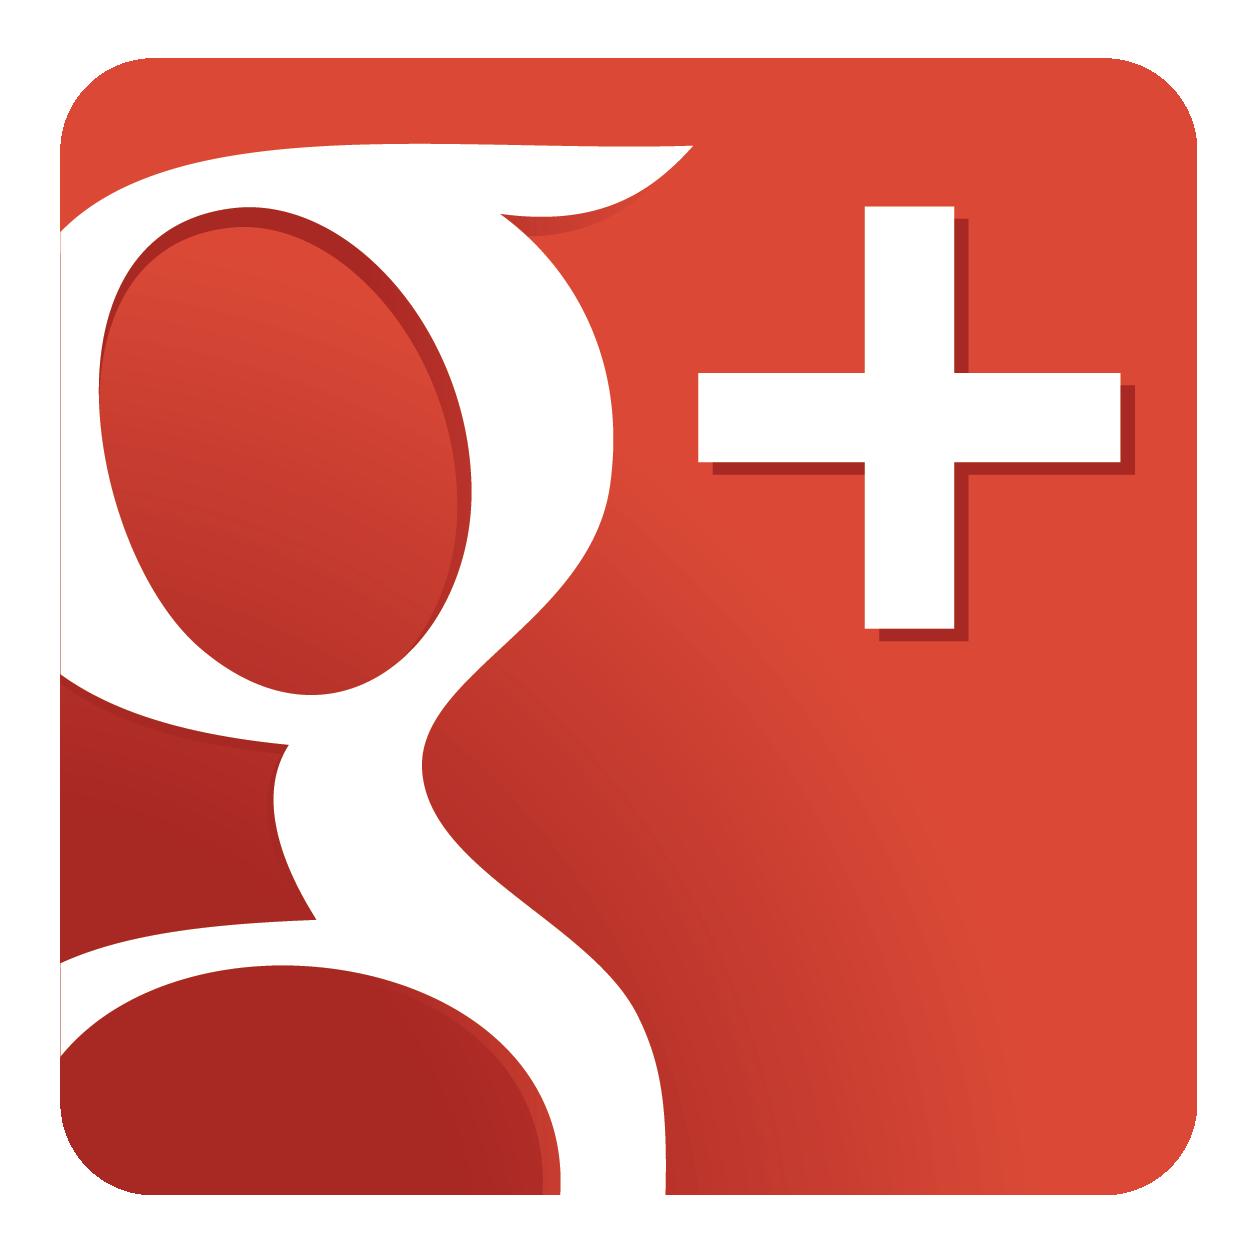 Google Plus ПК Первый Профильный Завод